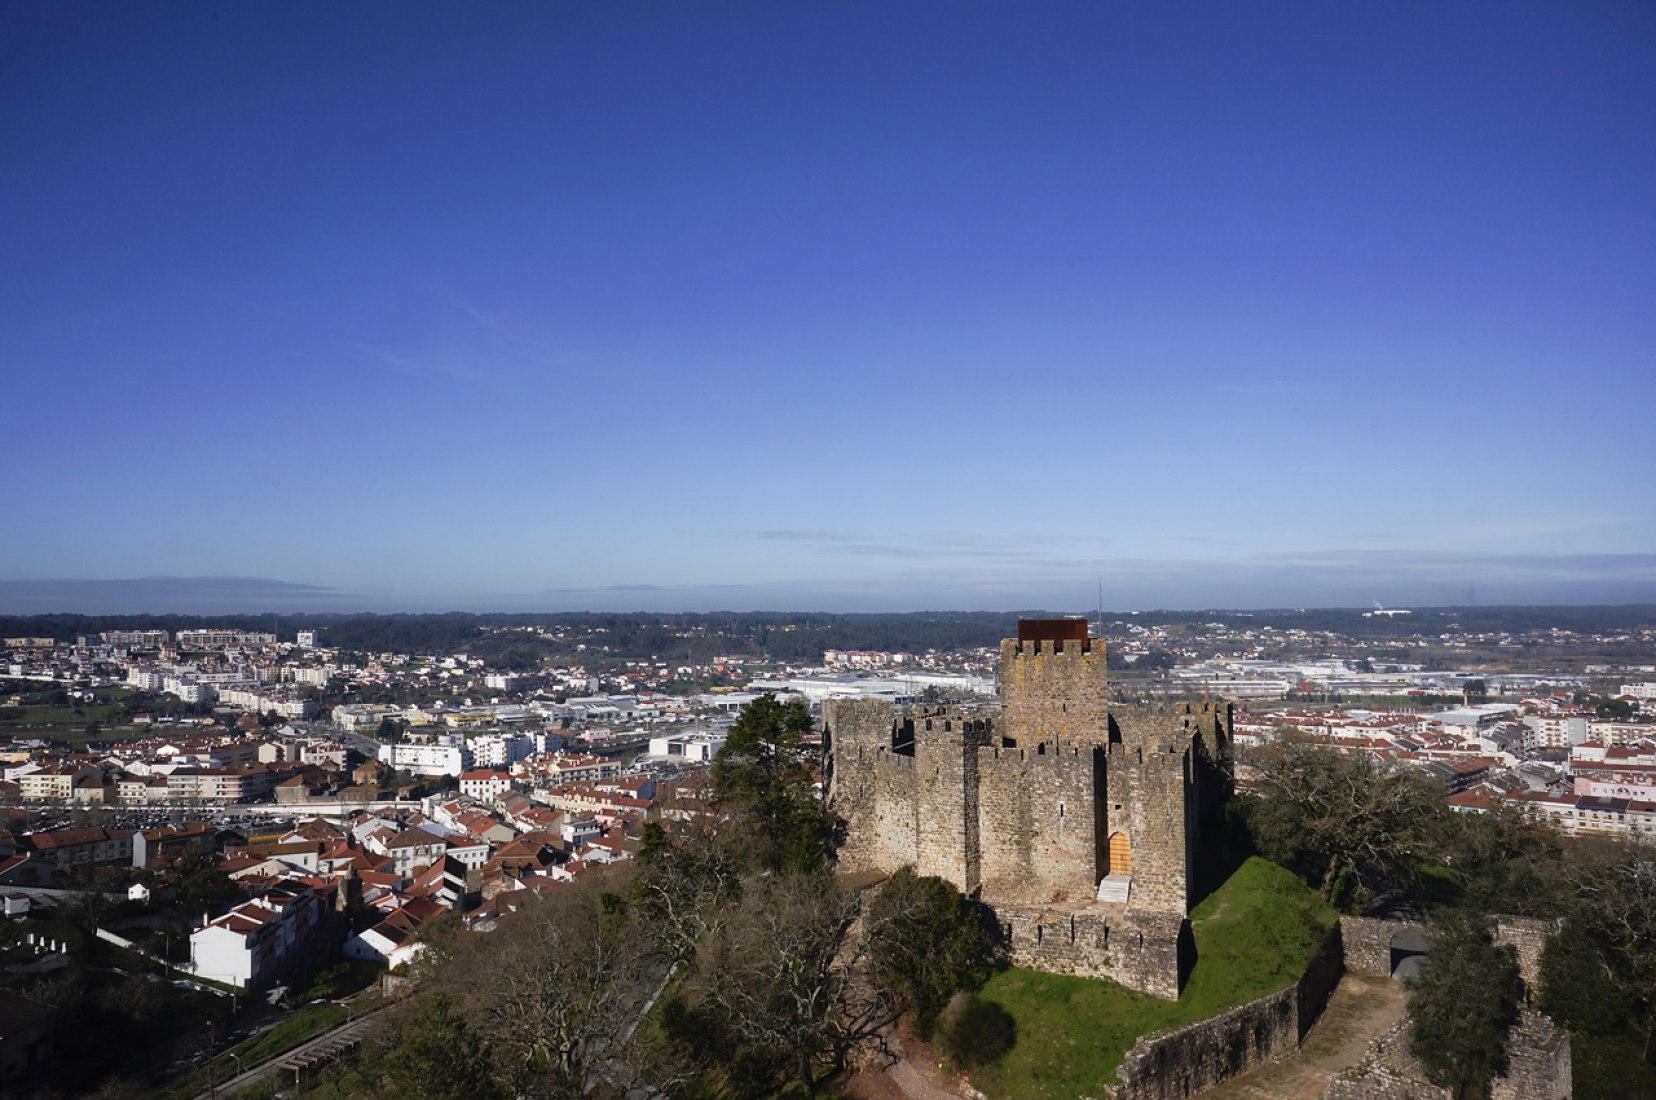 Vista aérea. Centro de visitantes del Castillo Pombal por Comoco Arquitectos. Fotografía © FG+SG – Fotografia de Arquitectura.